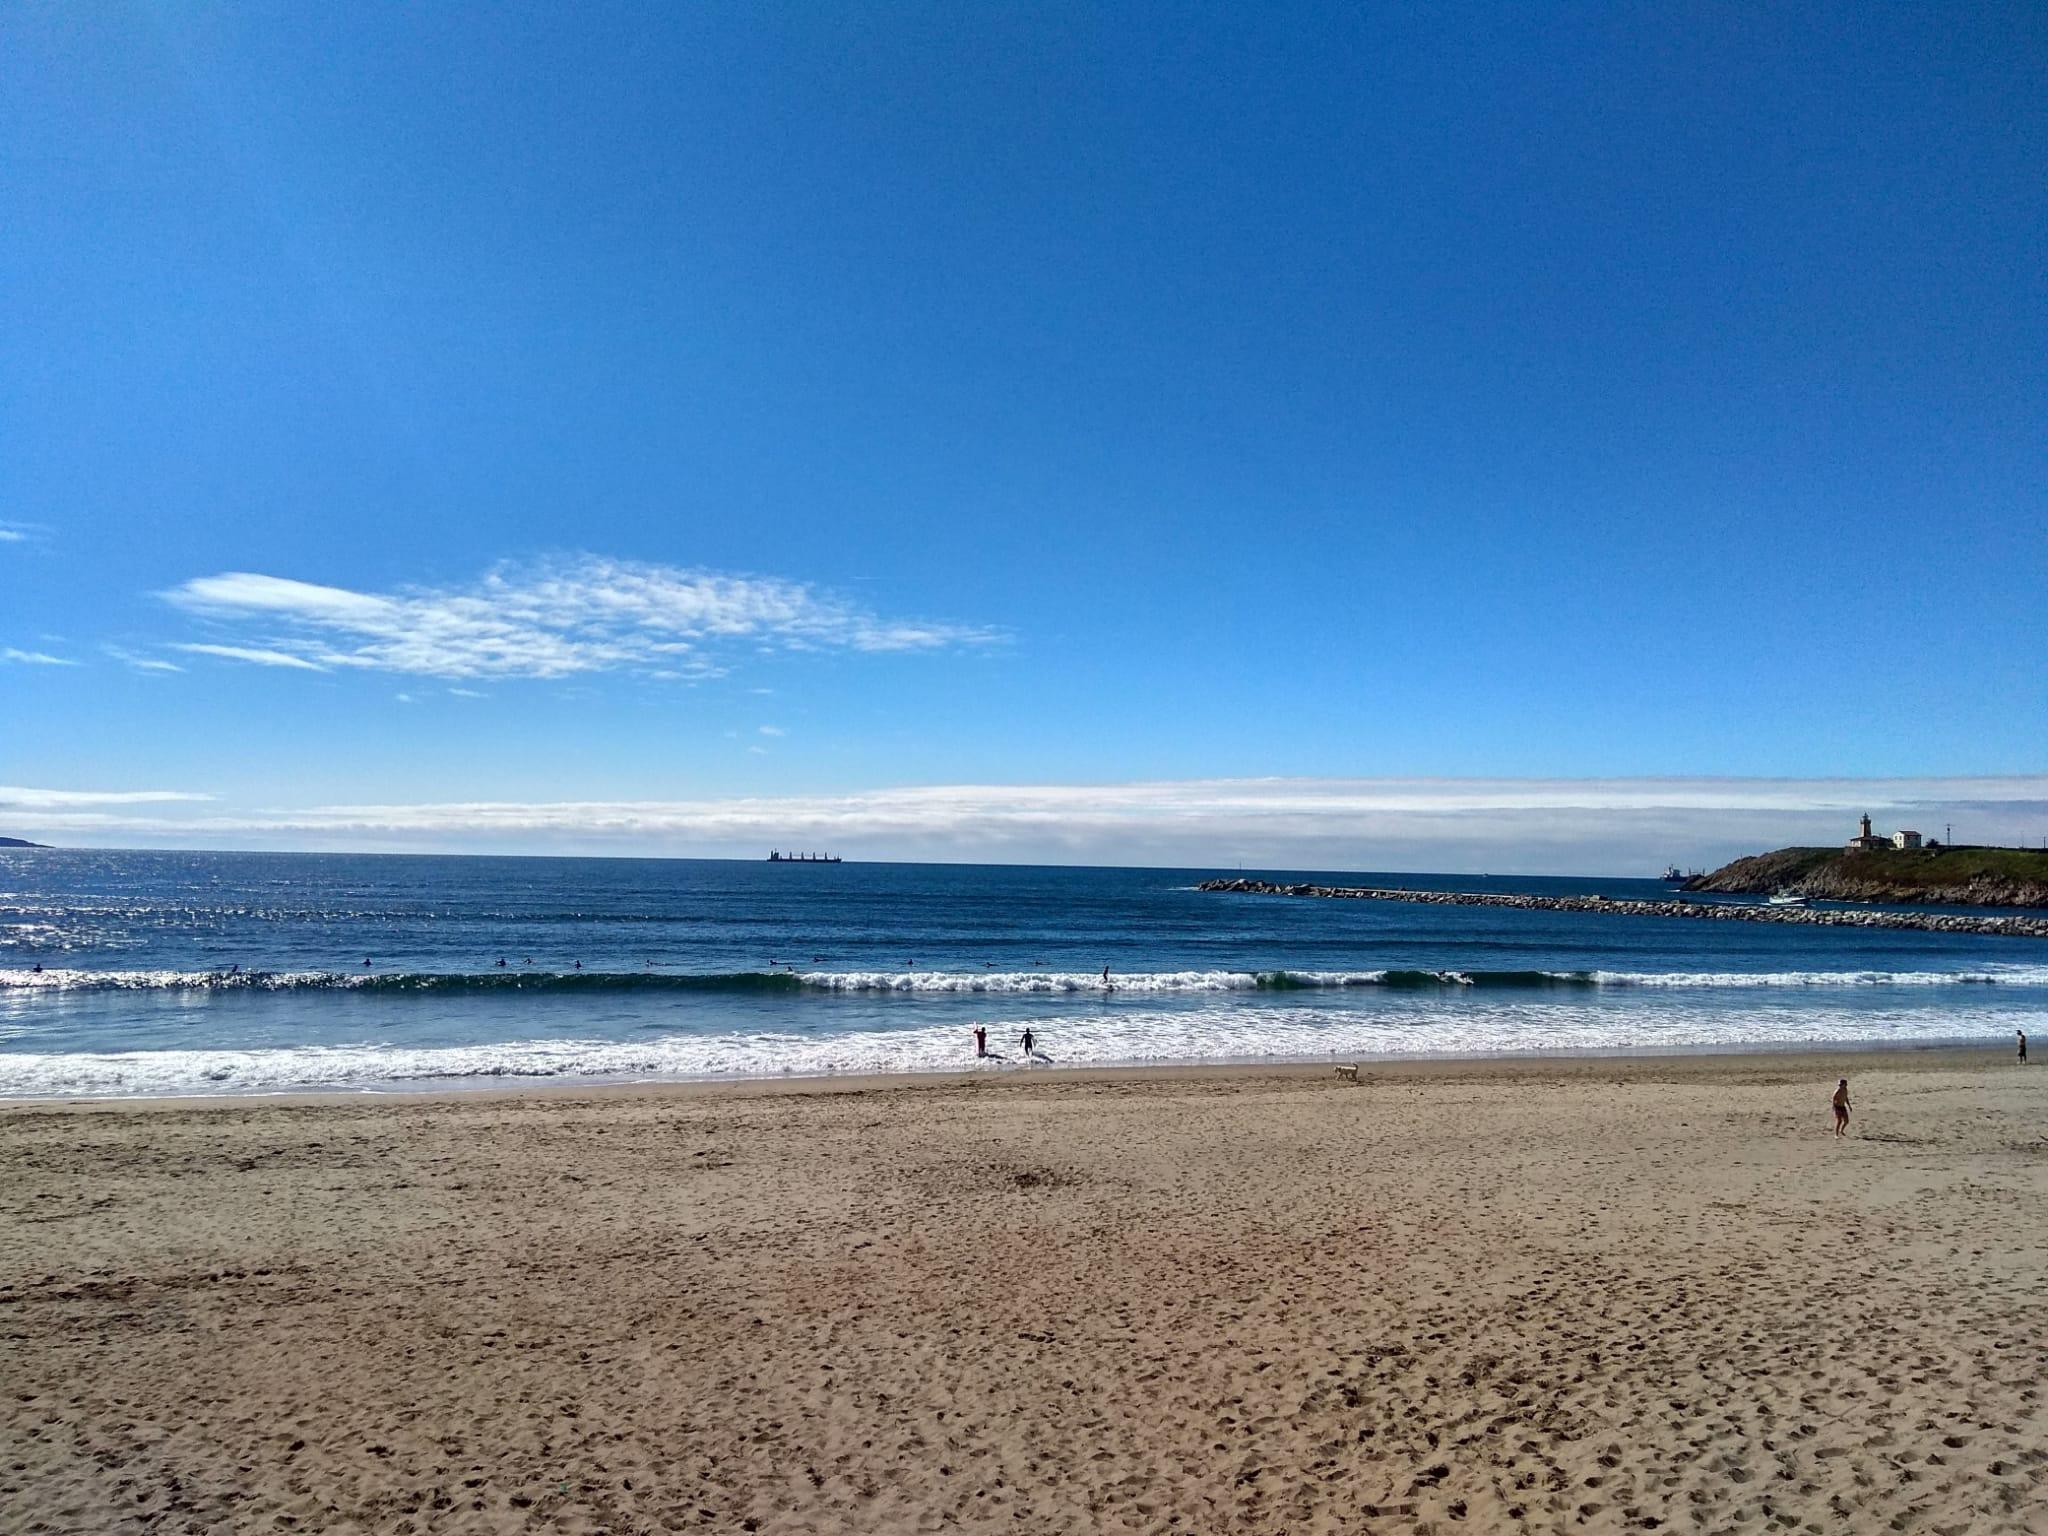 Playa de San Juan en Asturias